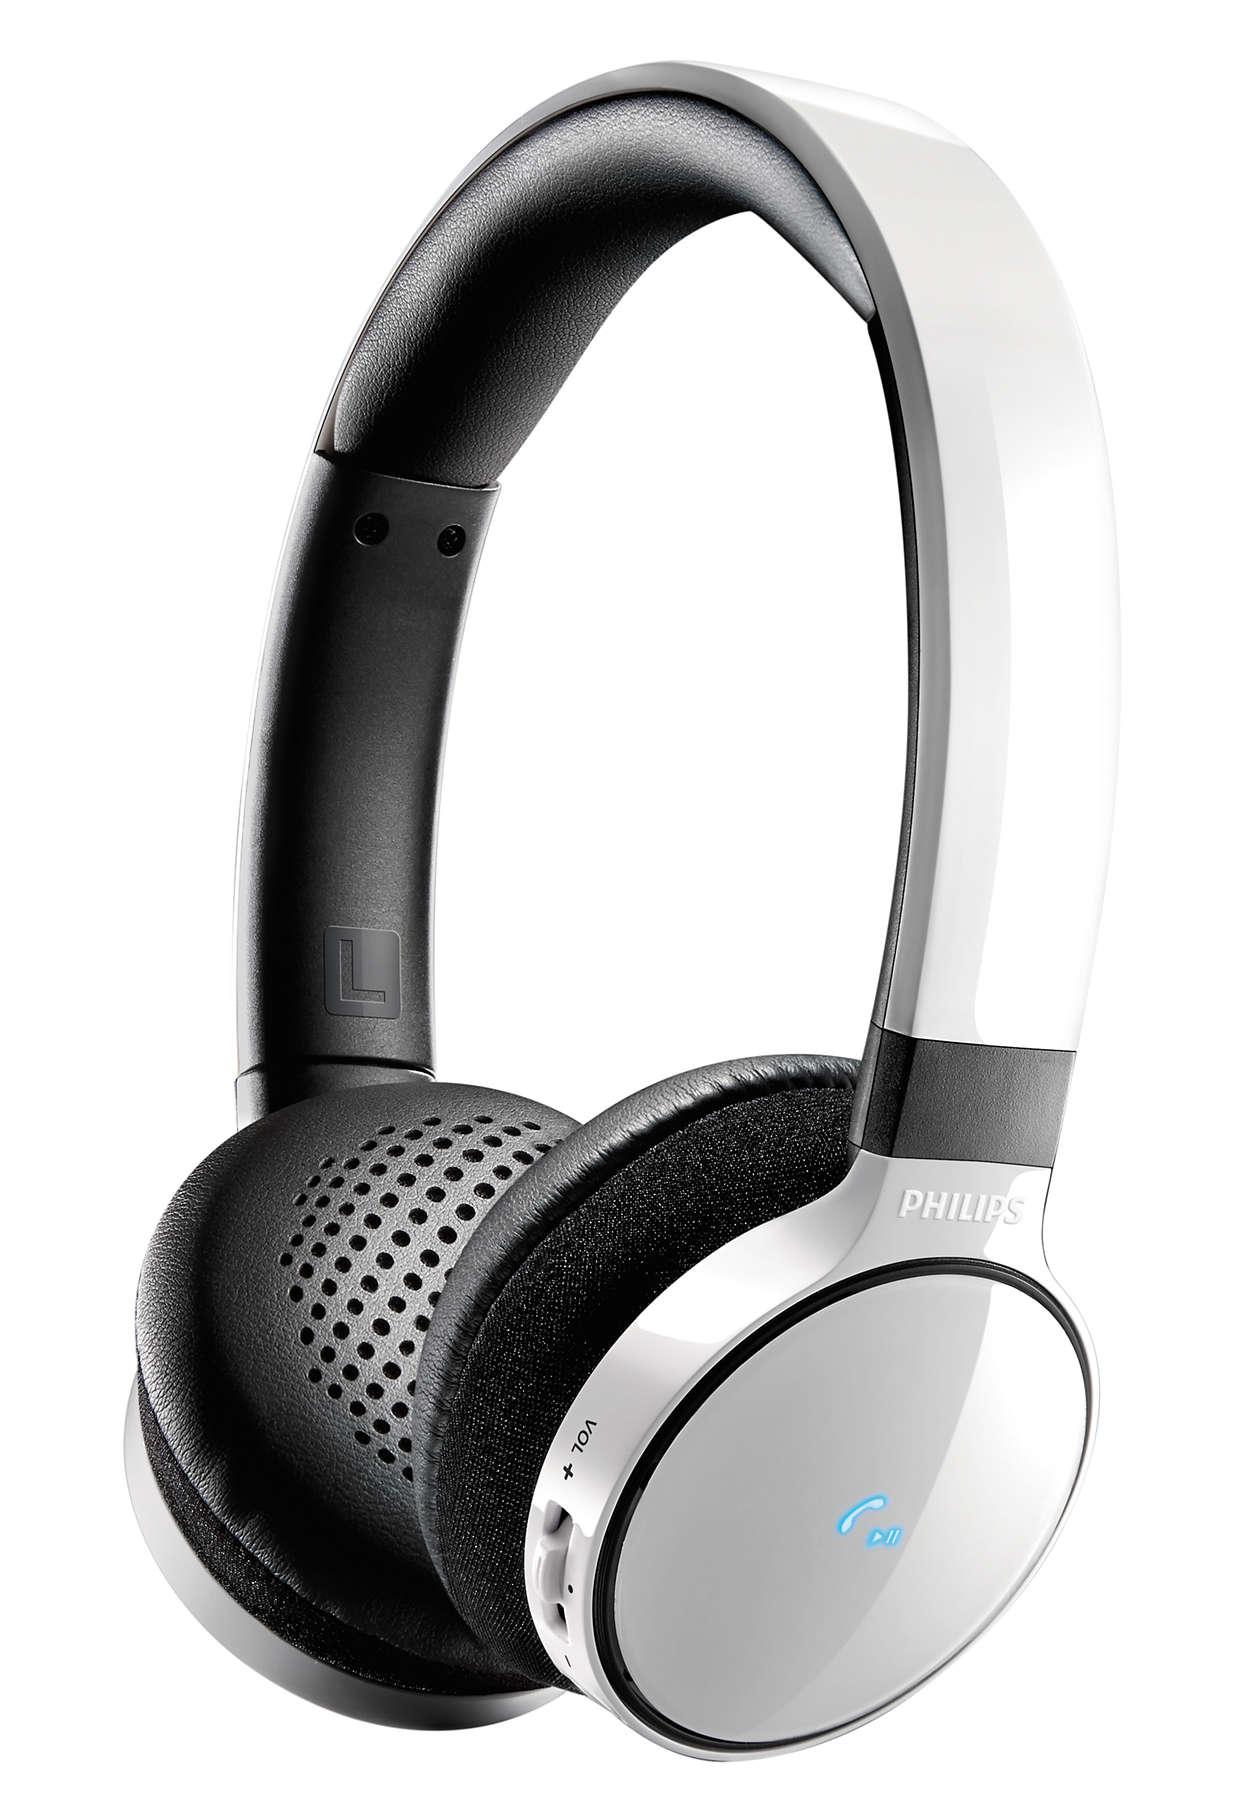 无论是有线还是无线,都能带来高品质音效